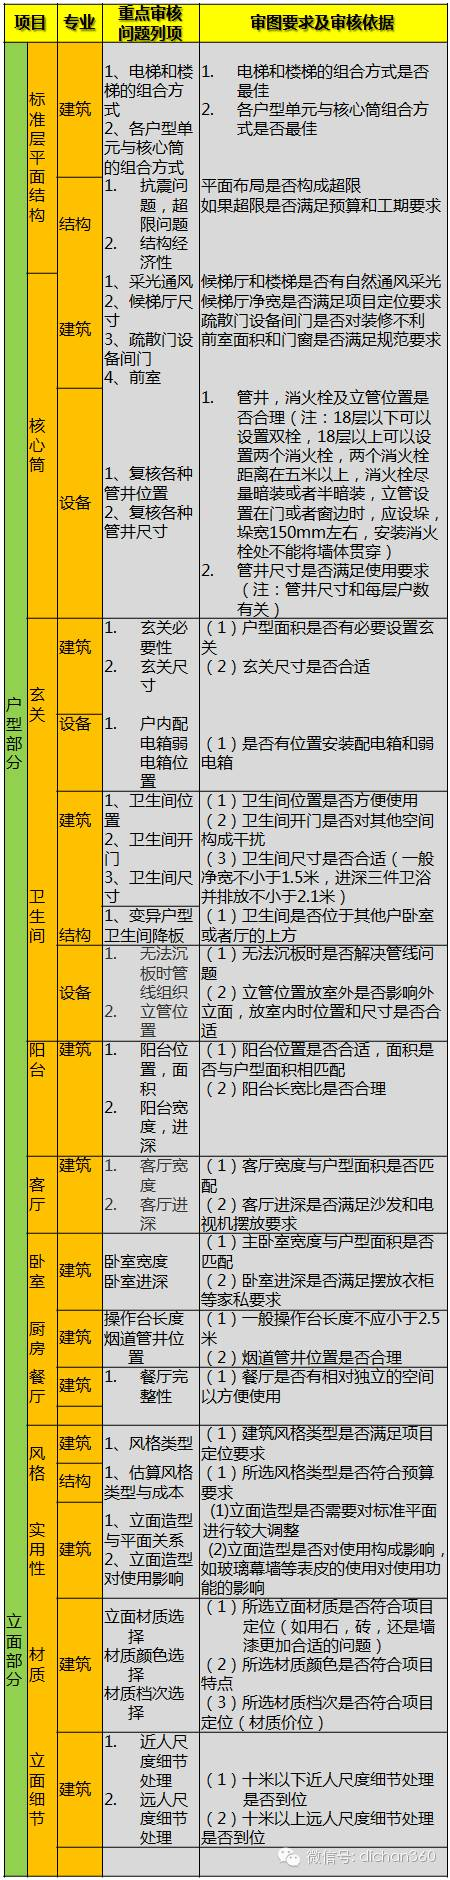 199个审核项!万科规划设计全过程重点问题审核表,真全!_3